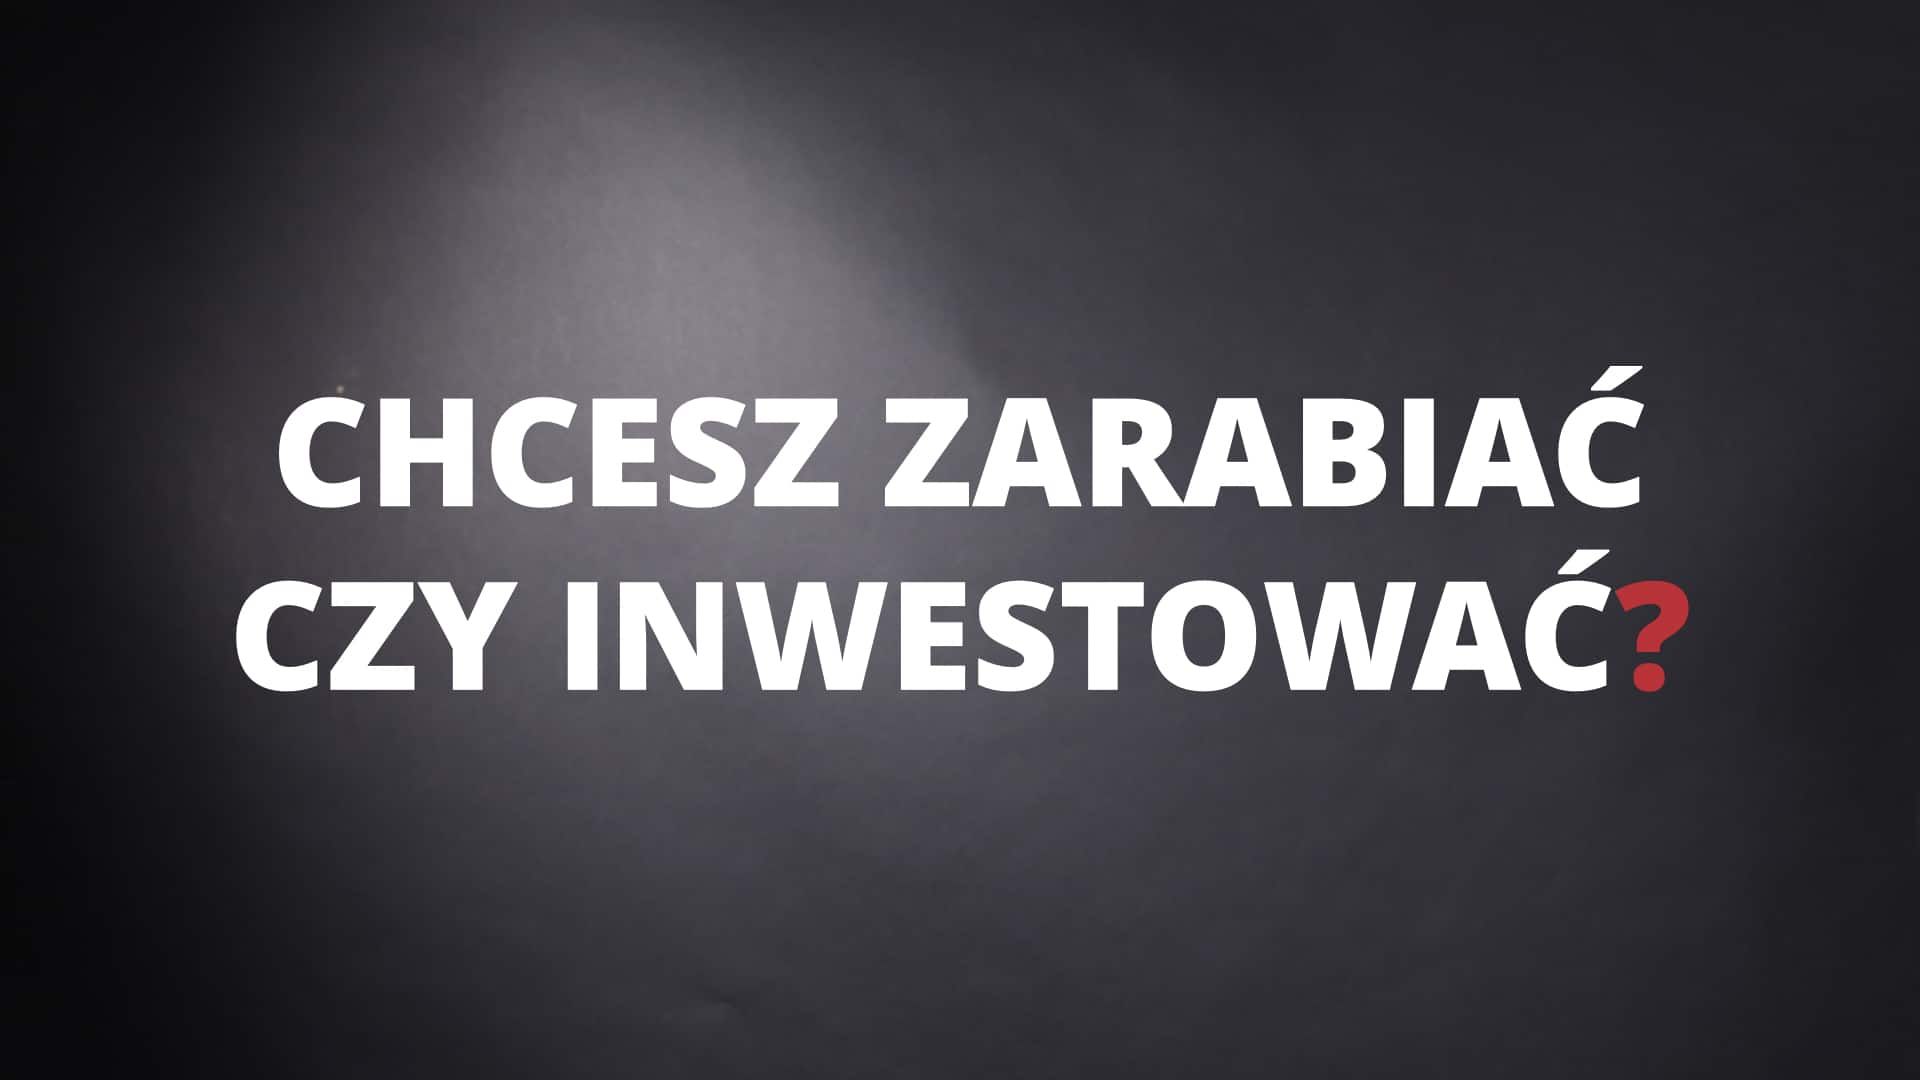 inwestowanie czy zarabianie